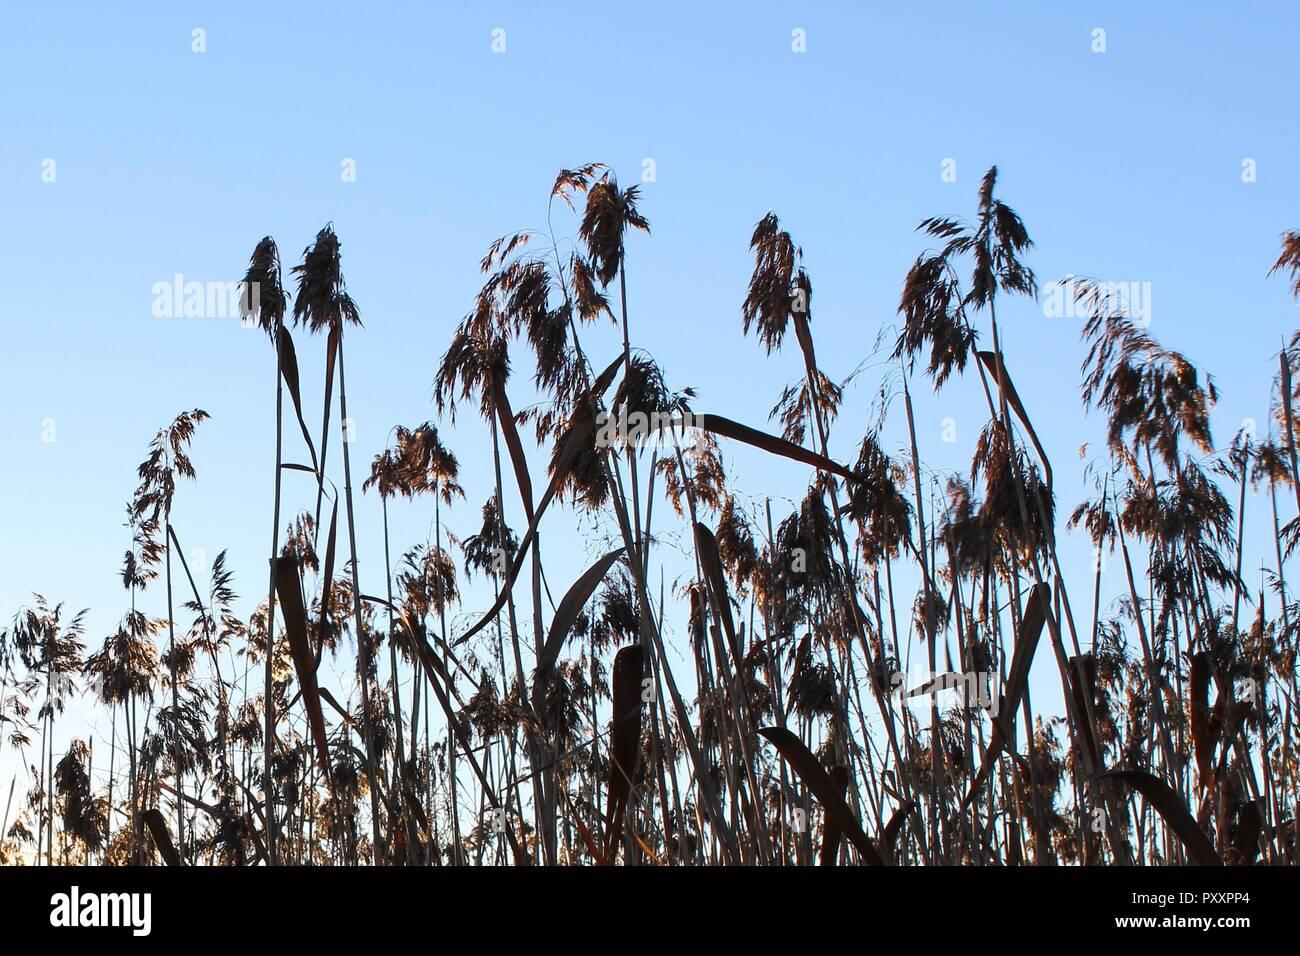 Dettaglio del pettine comune nella retroilluminazione del sole serale. Immagini Stock